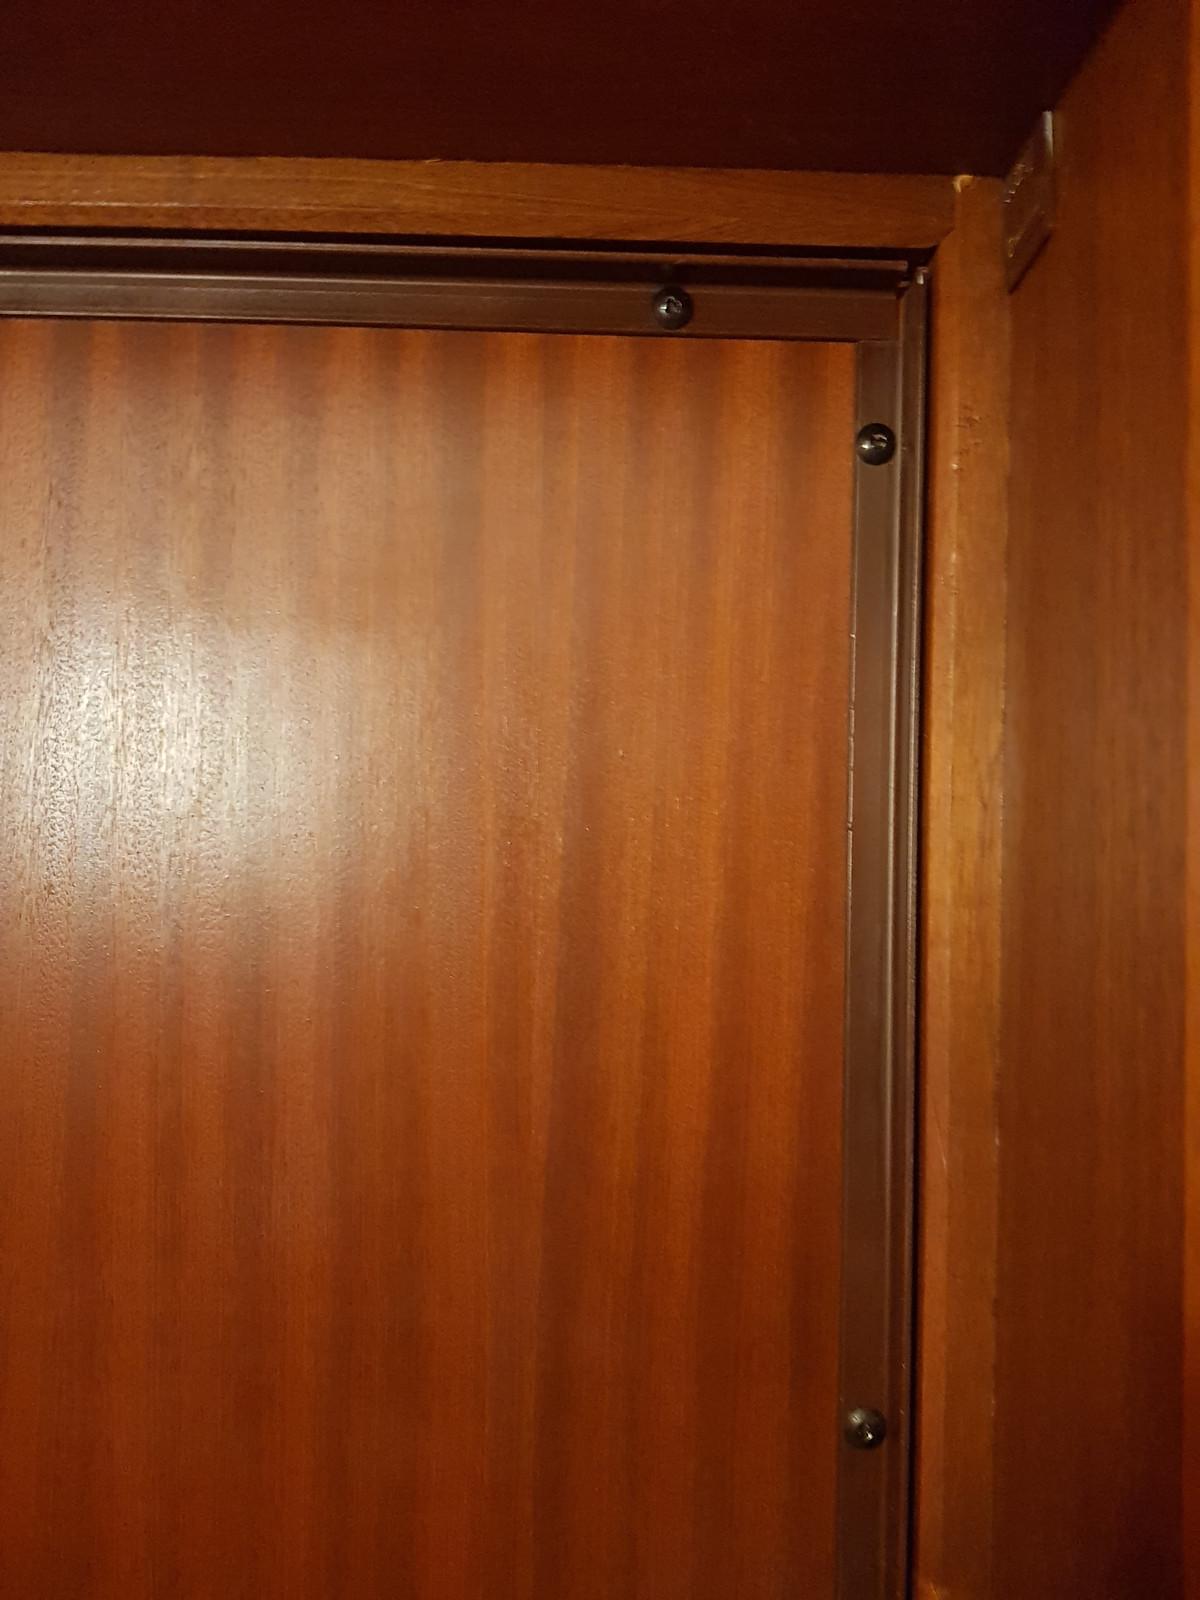 mon serrurier 83 com d pannage rapide 24h 24 dans tout le var. Black Bedroom Furniture Sets. Home Design Ideas